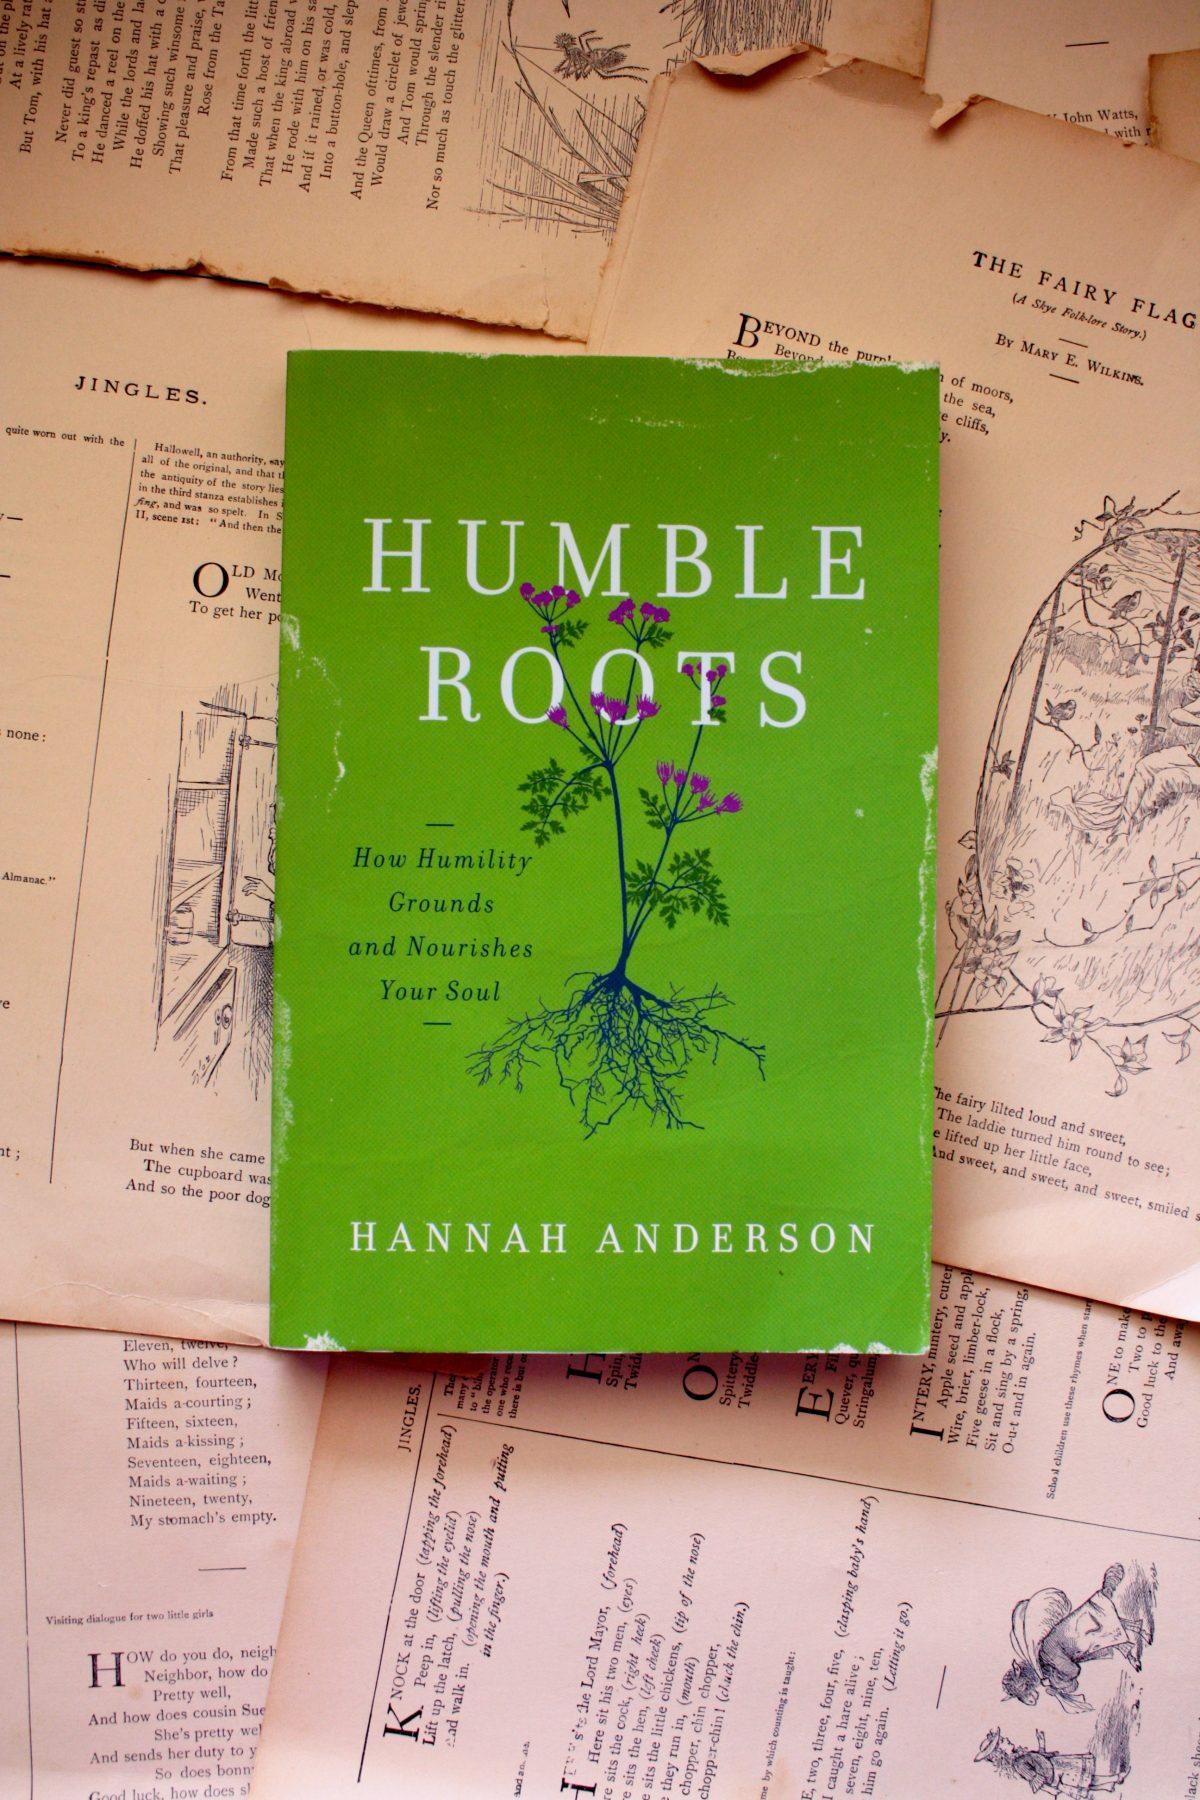 anderson-hannah-humble-roots-1200x1800.jpg